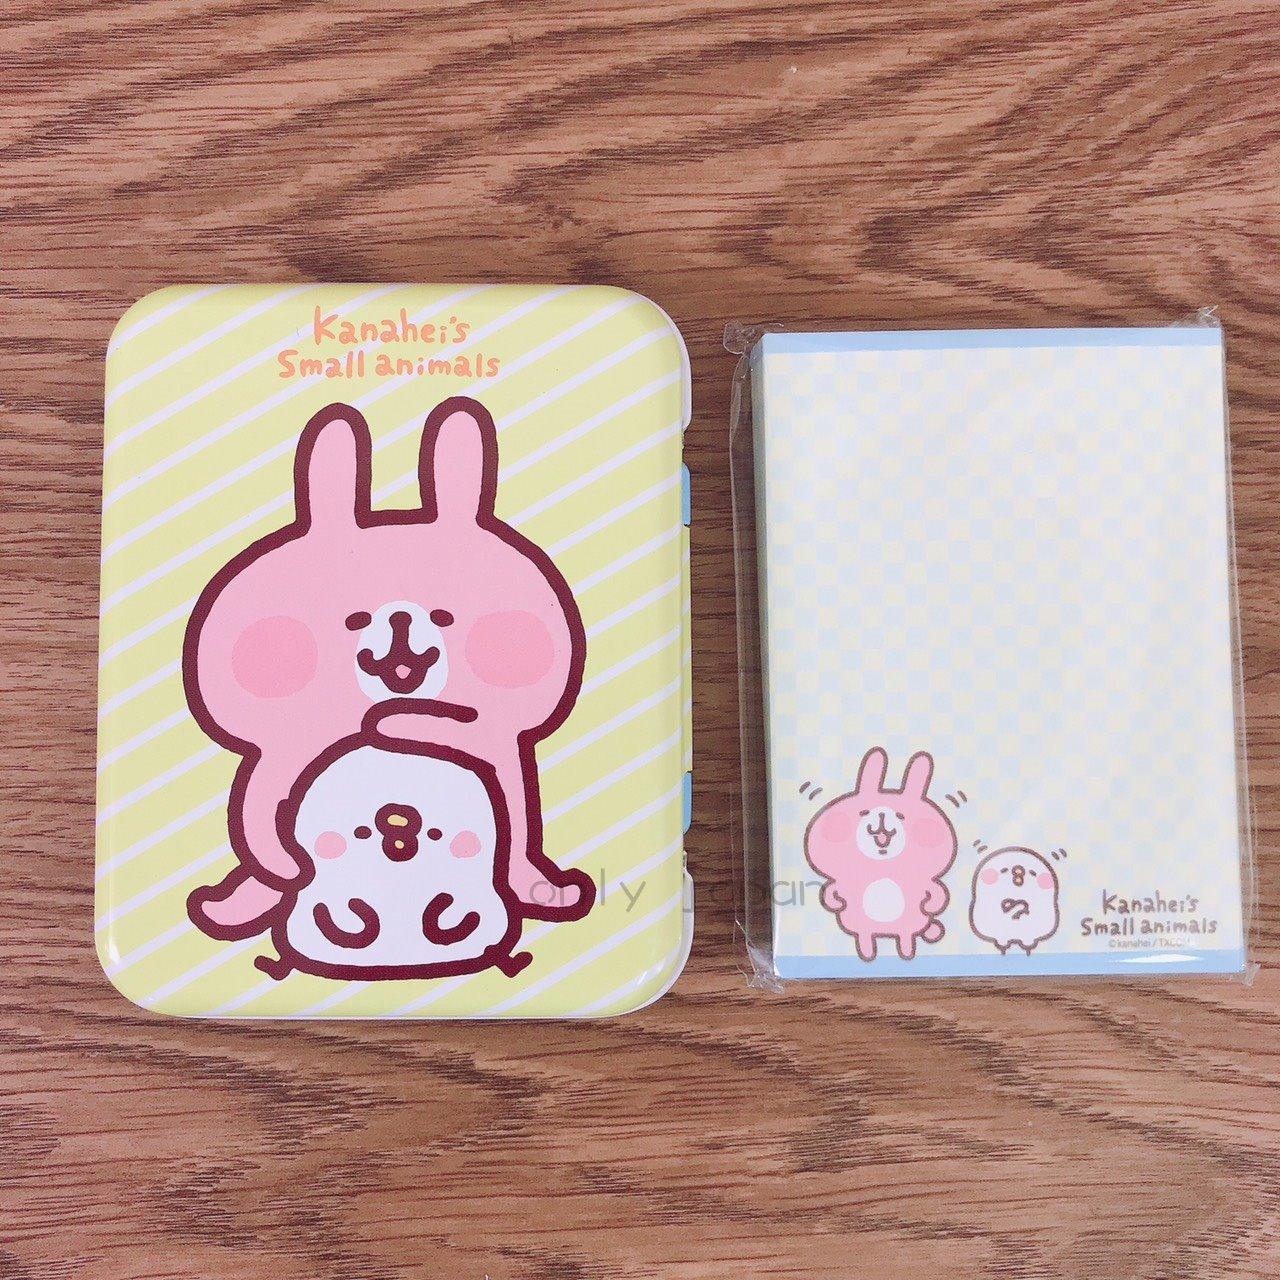 【真愛日本】18030600010 鐵盒便條紙-兔兔摸頭黃 卡娜赫拉的小動物們 兔兔P助小雞 日用品 便條紙 小物收納 紙製品 文具